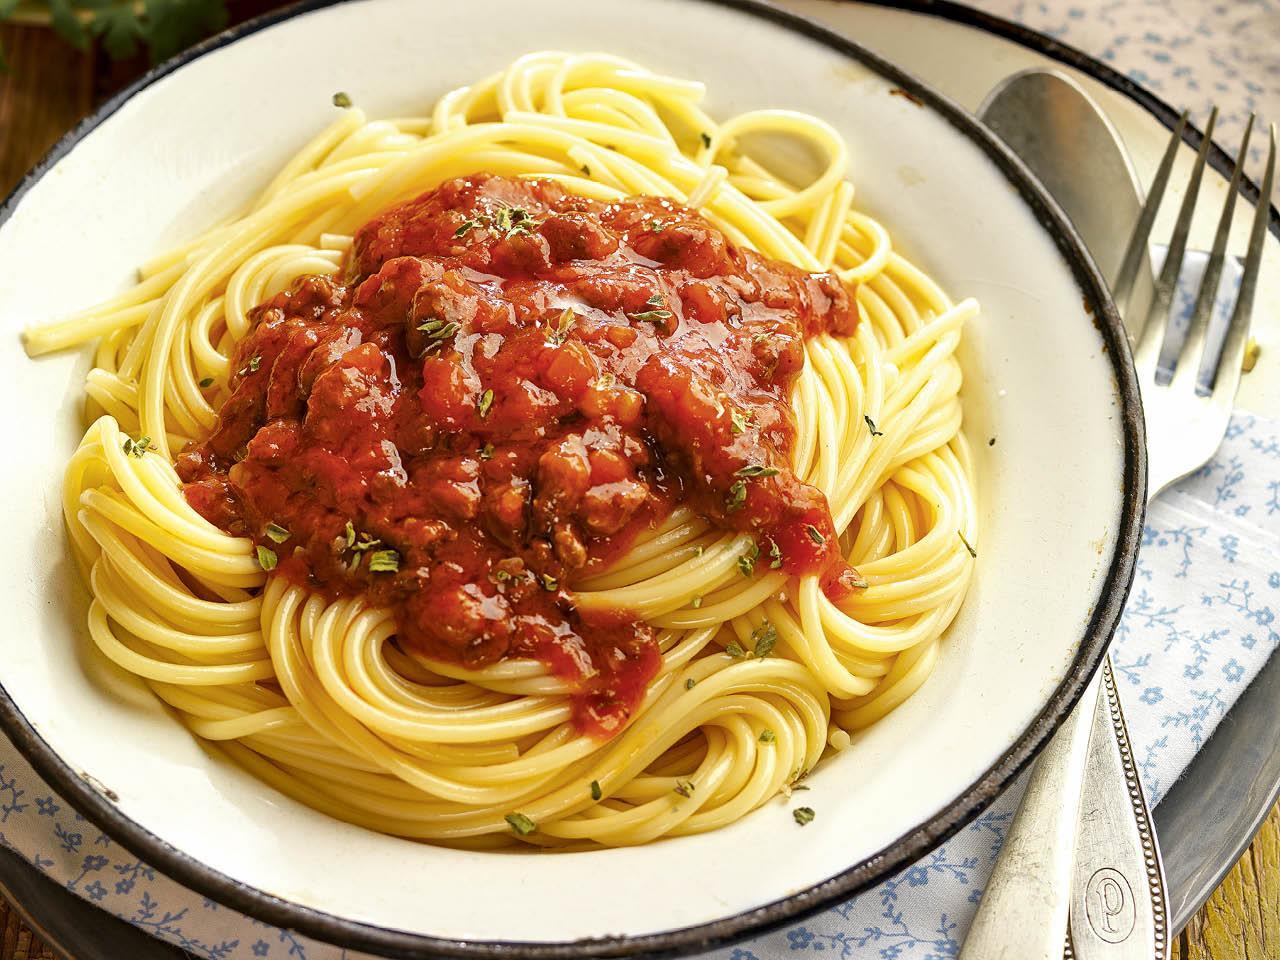 que comer hoy espaguetis salsa bolonesa